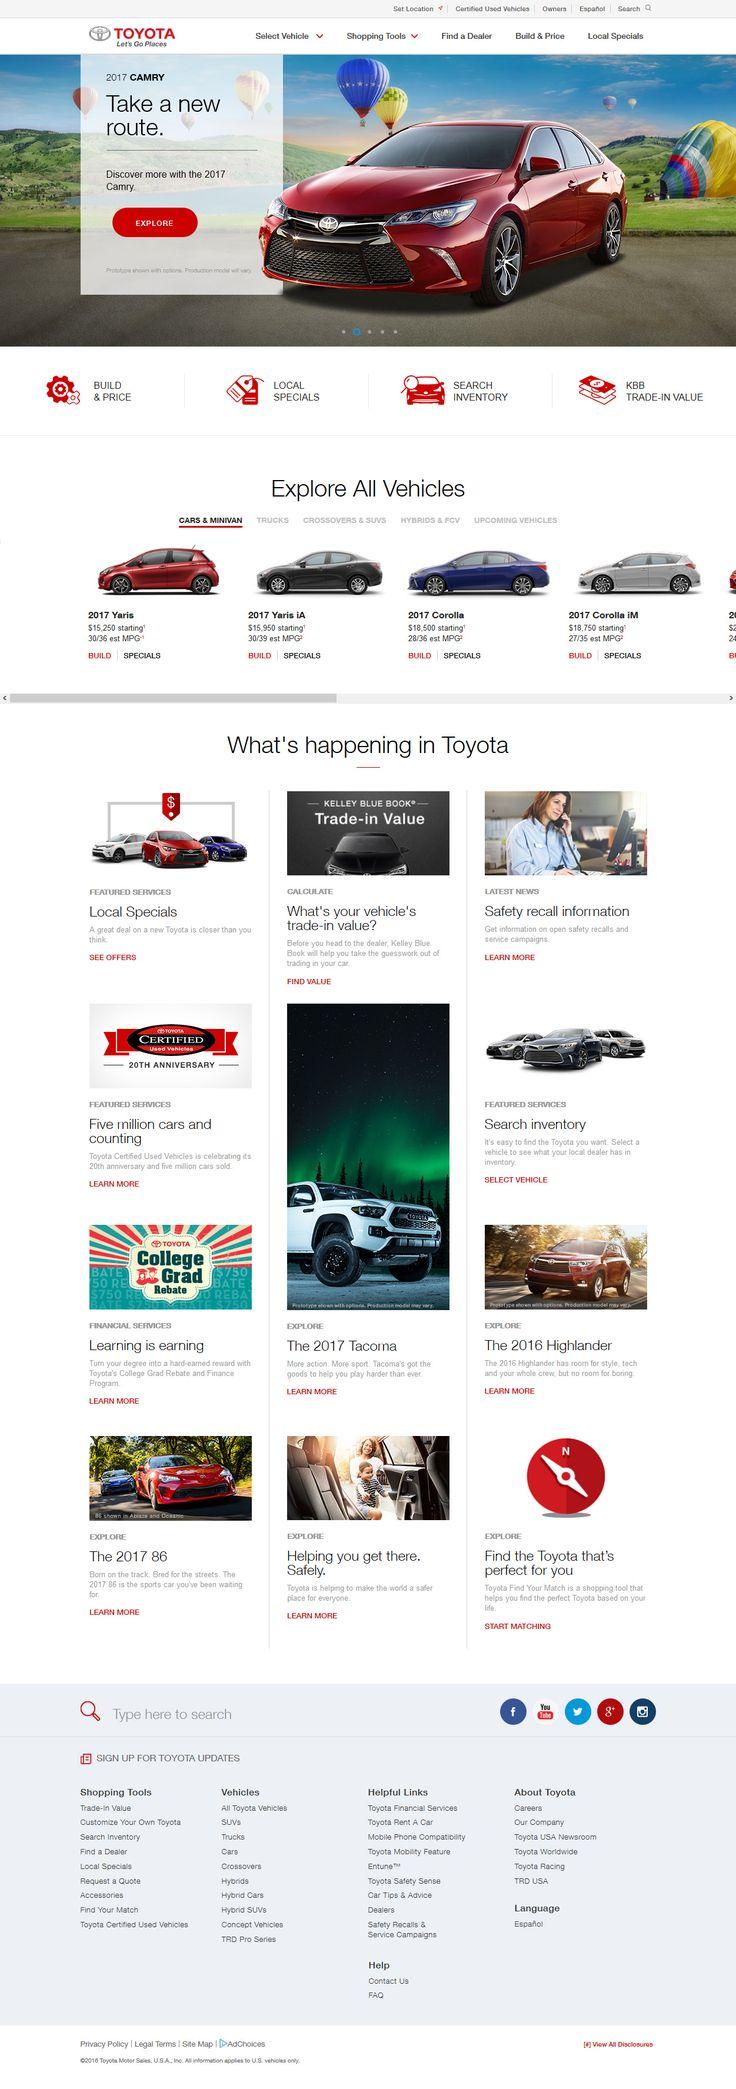 Toyota website in 2016